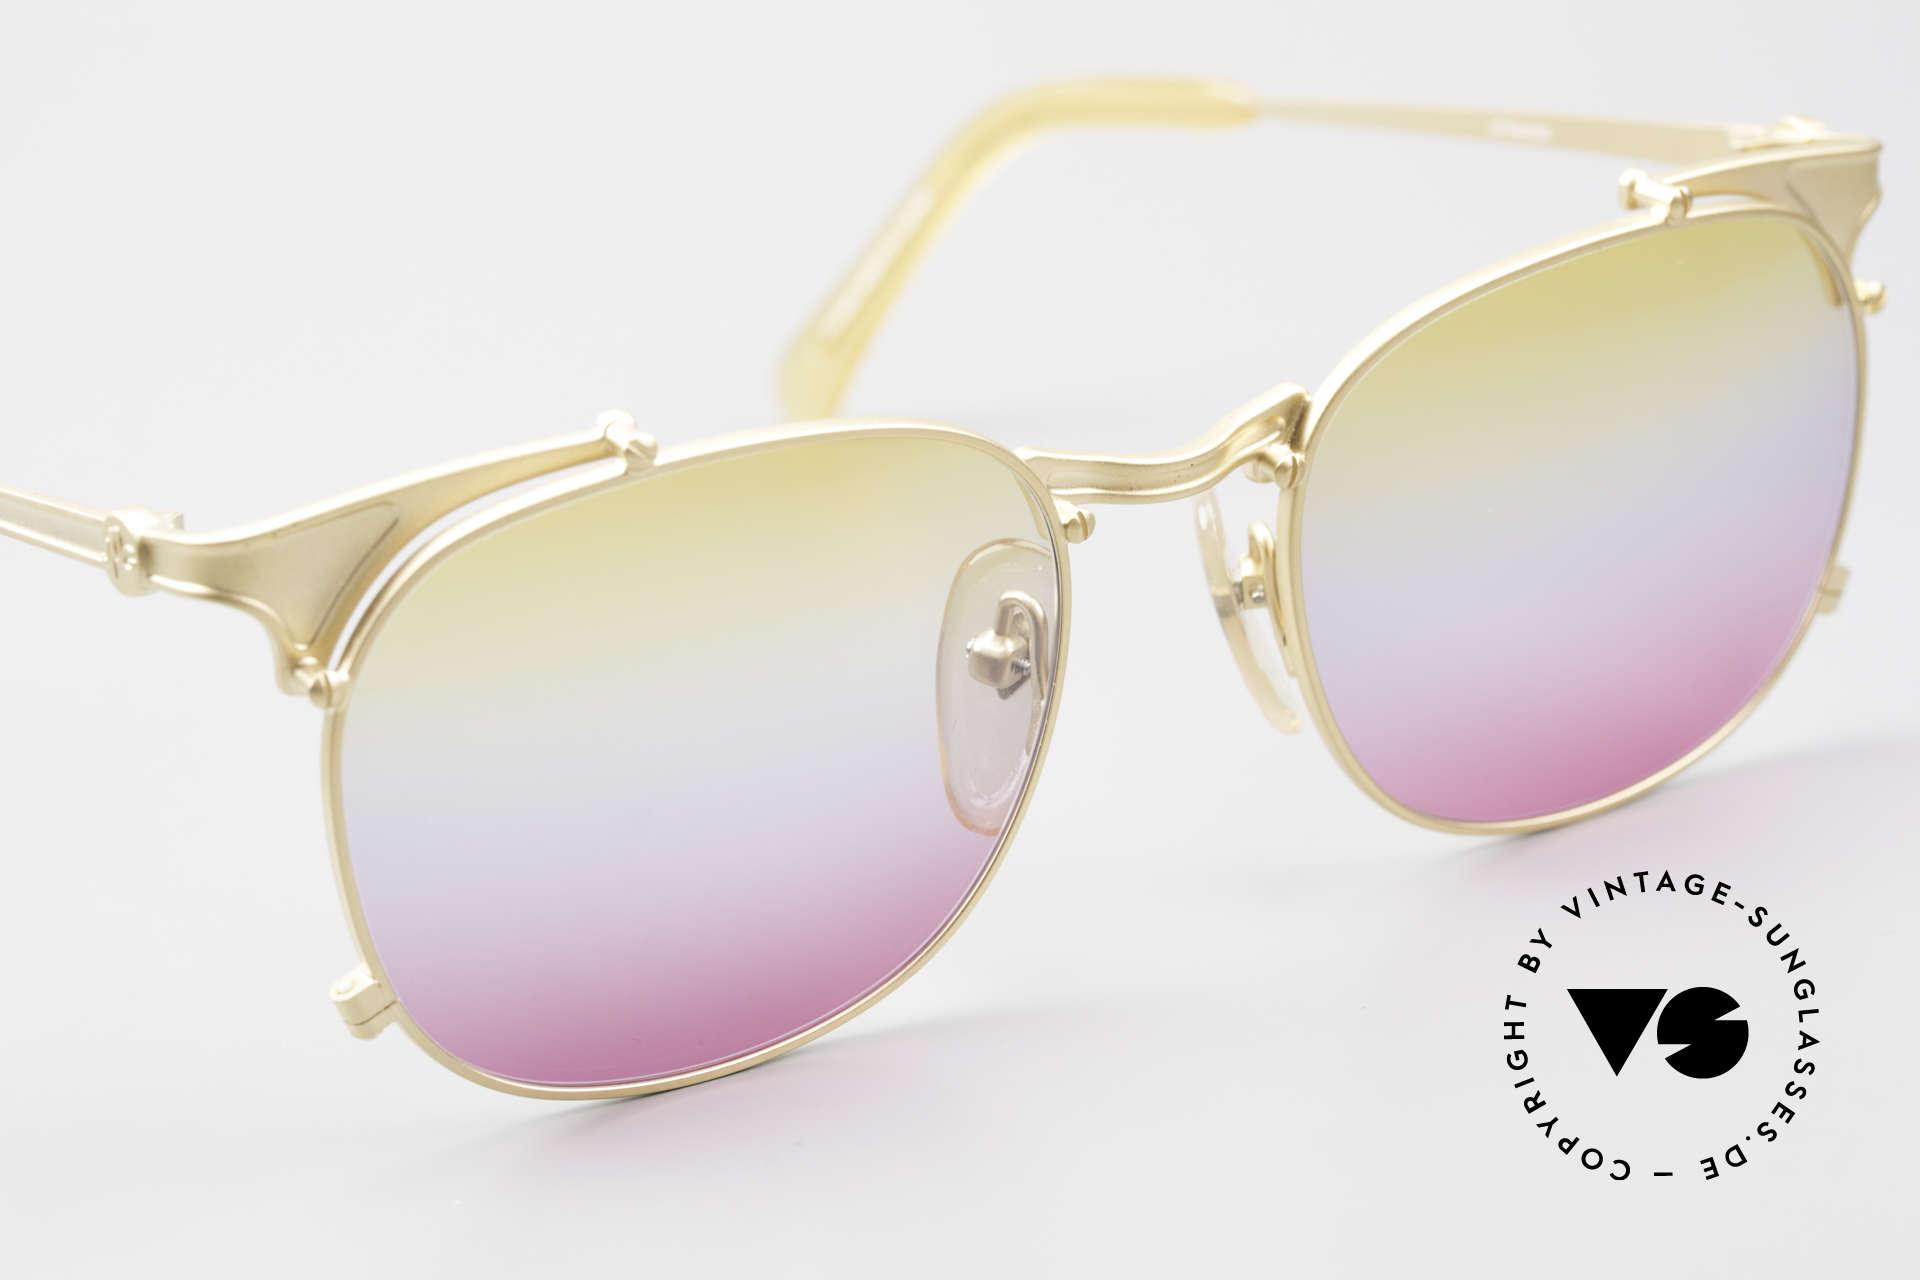 Jean Paul Gaultier 56-2175 Gläser in gelb pink Verlauf, unbenutzt (wie alle unsere 1990er Sonnenbrillen), Passend für Herren und Damen